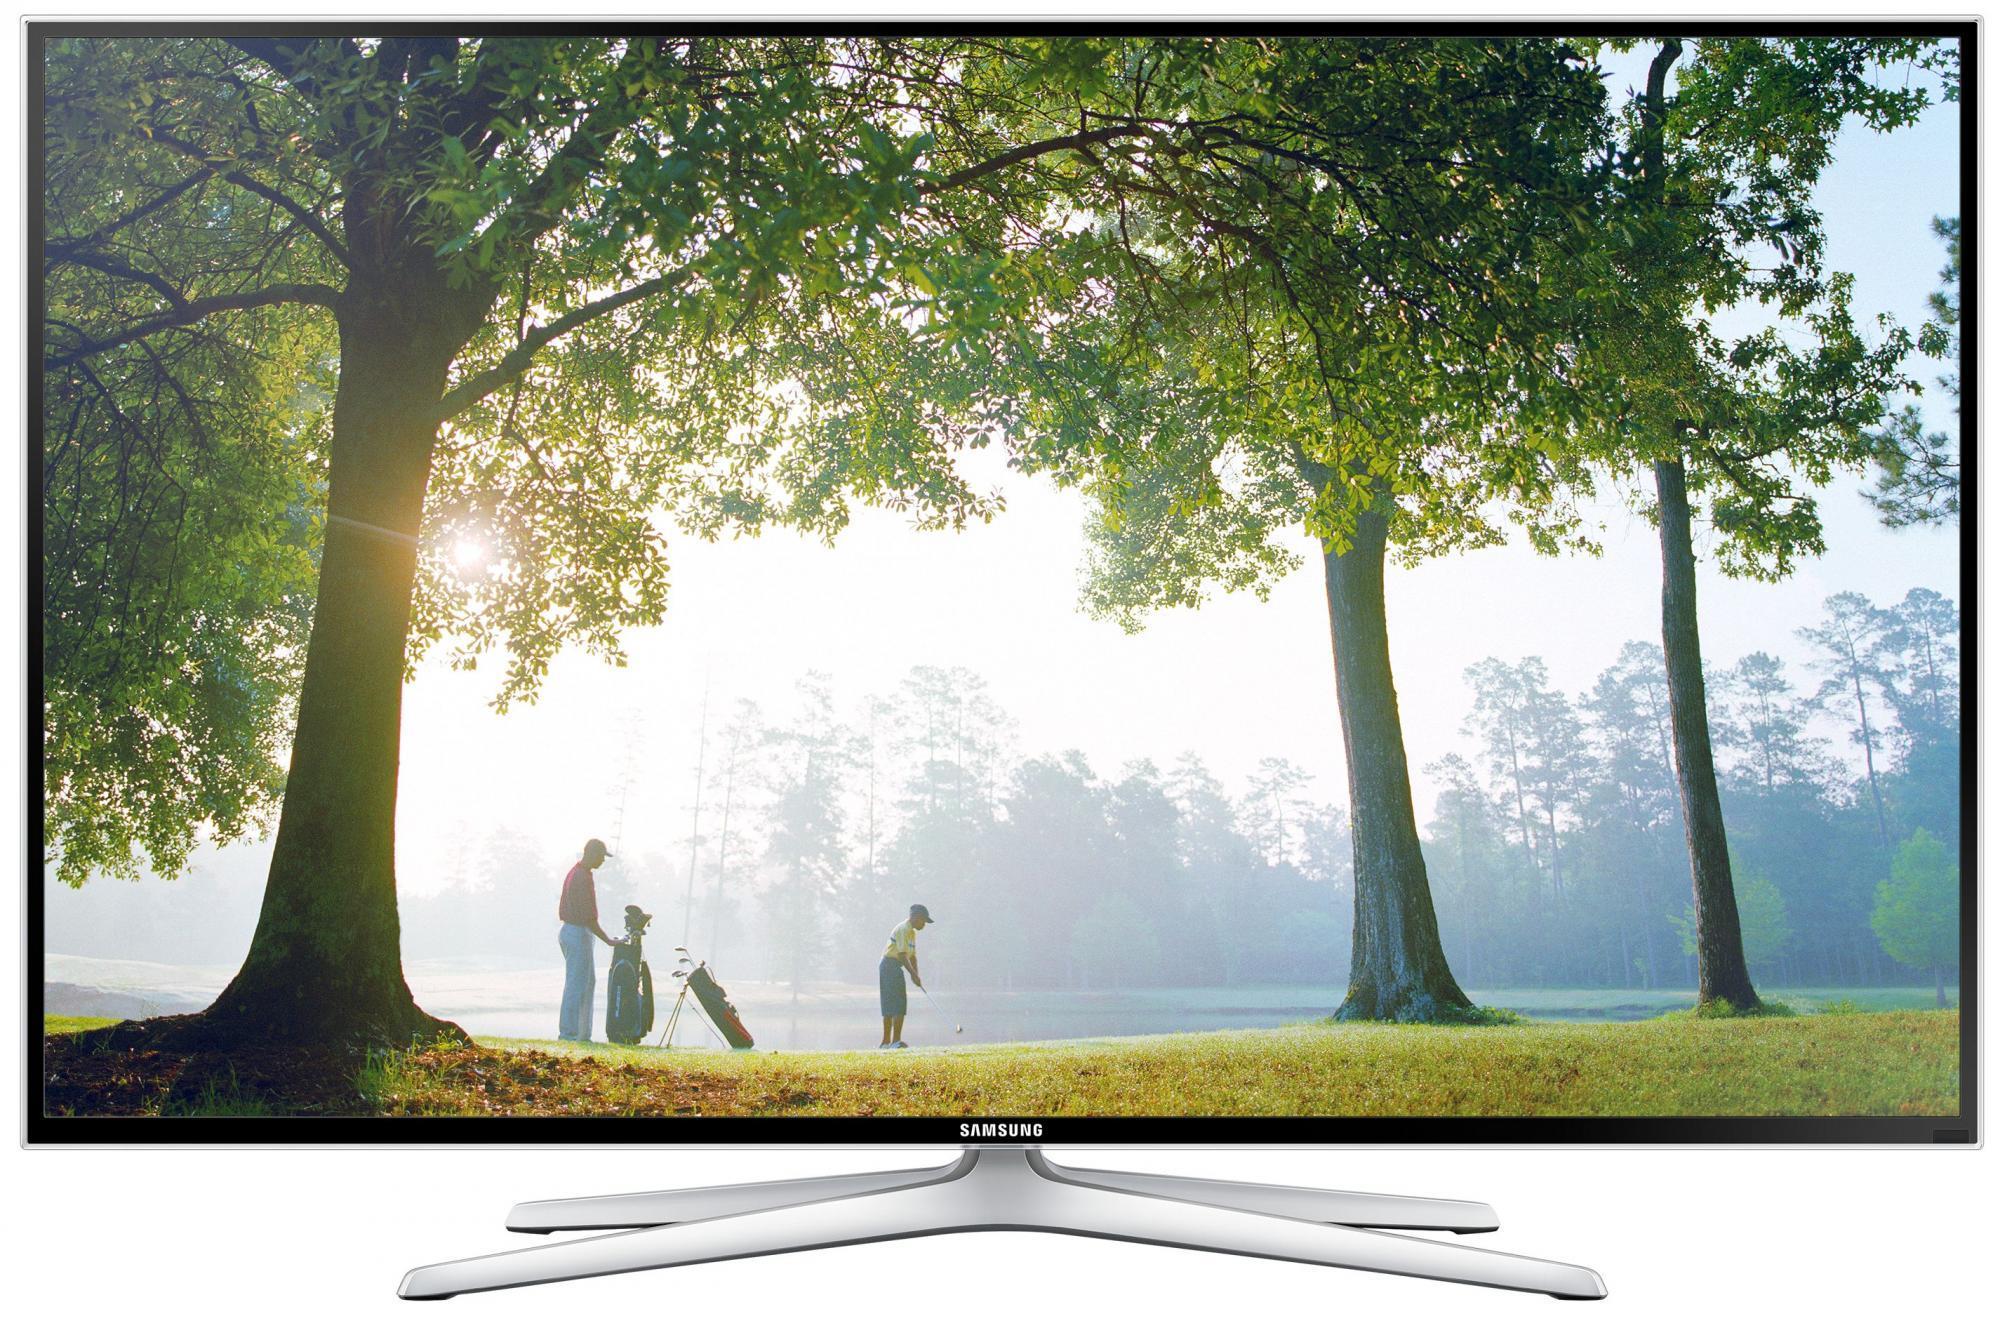 Samsung UE32H6400